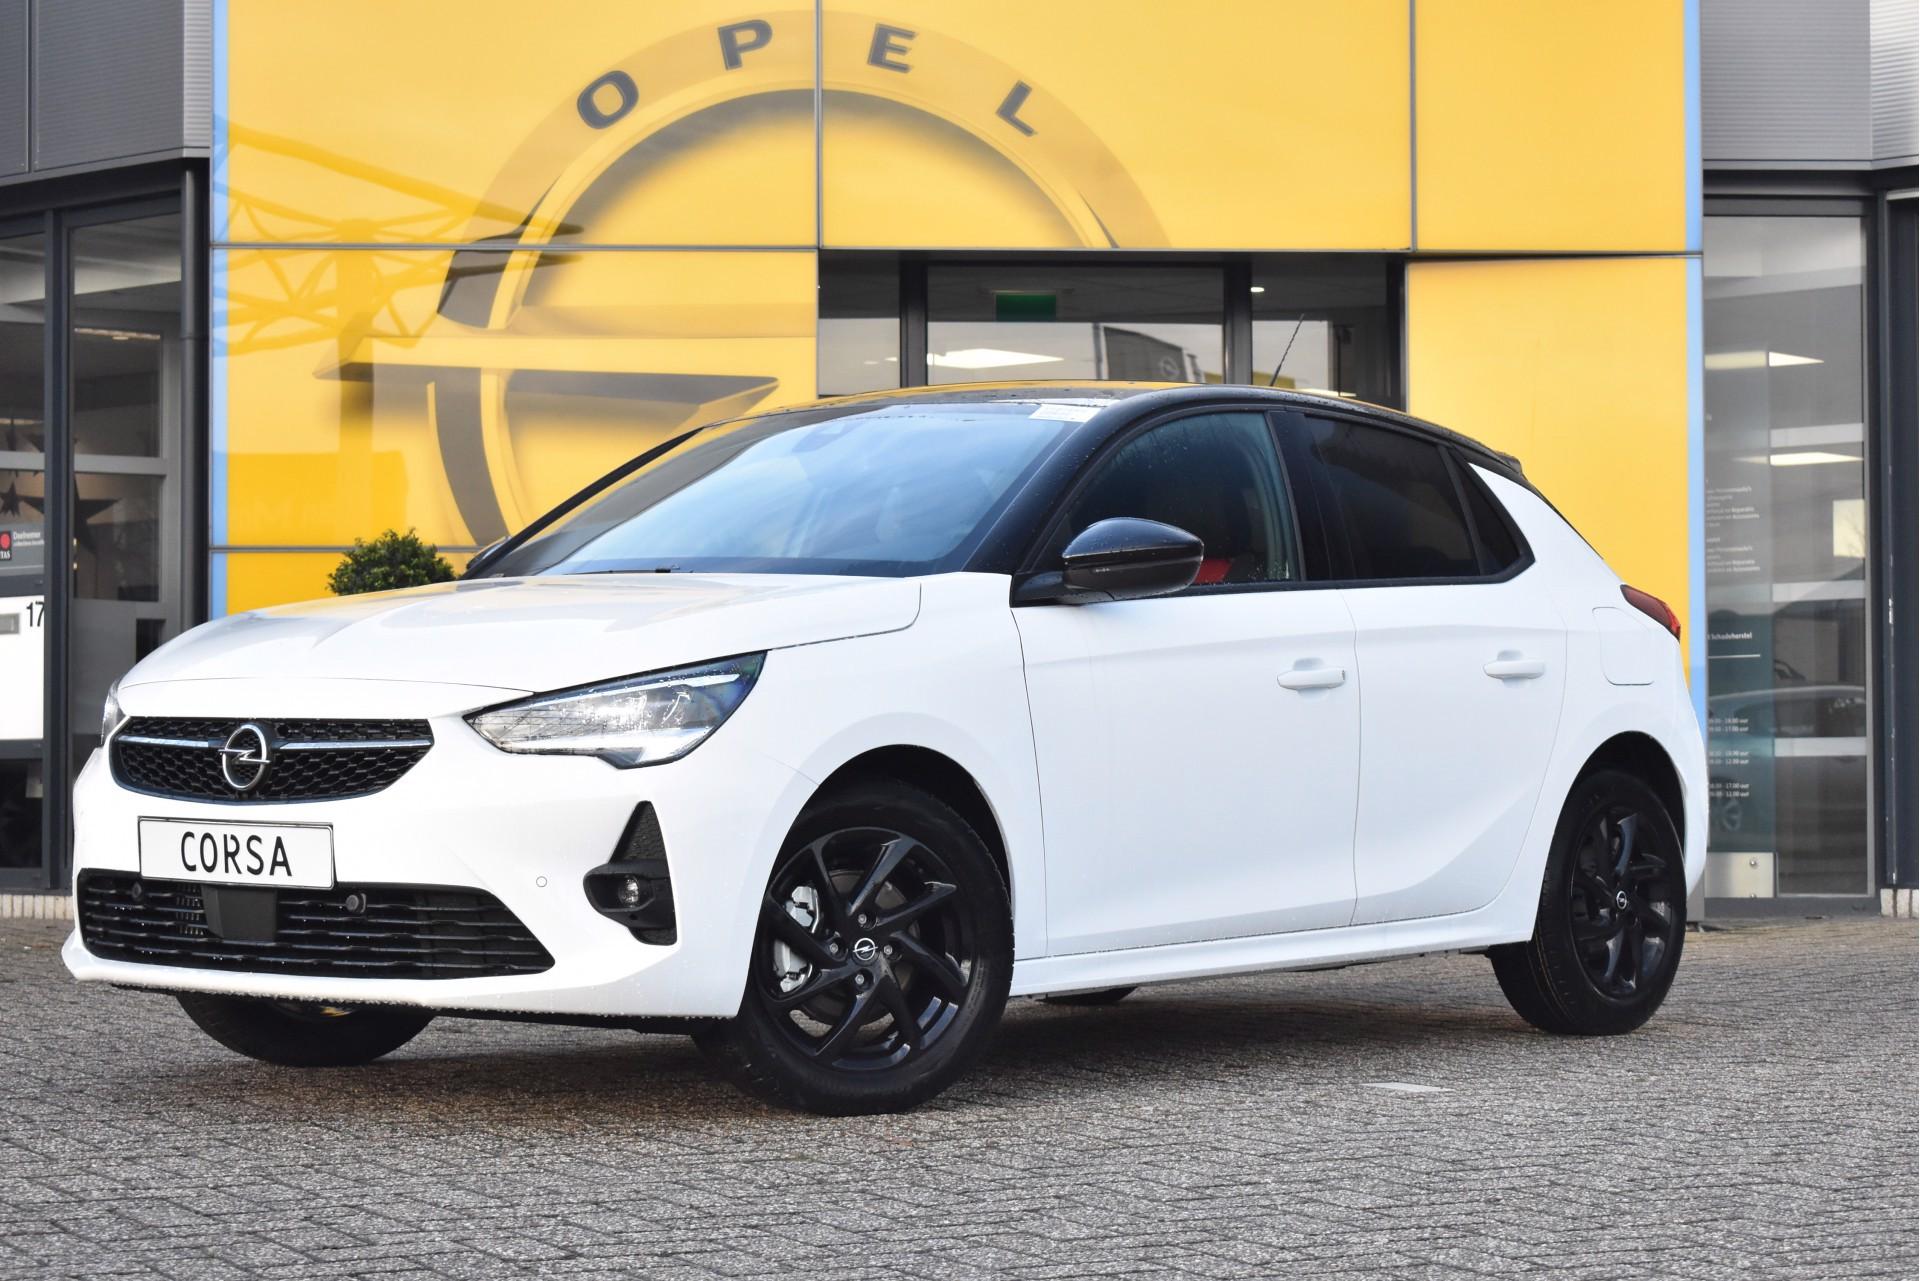 Opel Corsa 1.2 100 Pk Gs Line 2021 nieuw kopen   Auto.nl